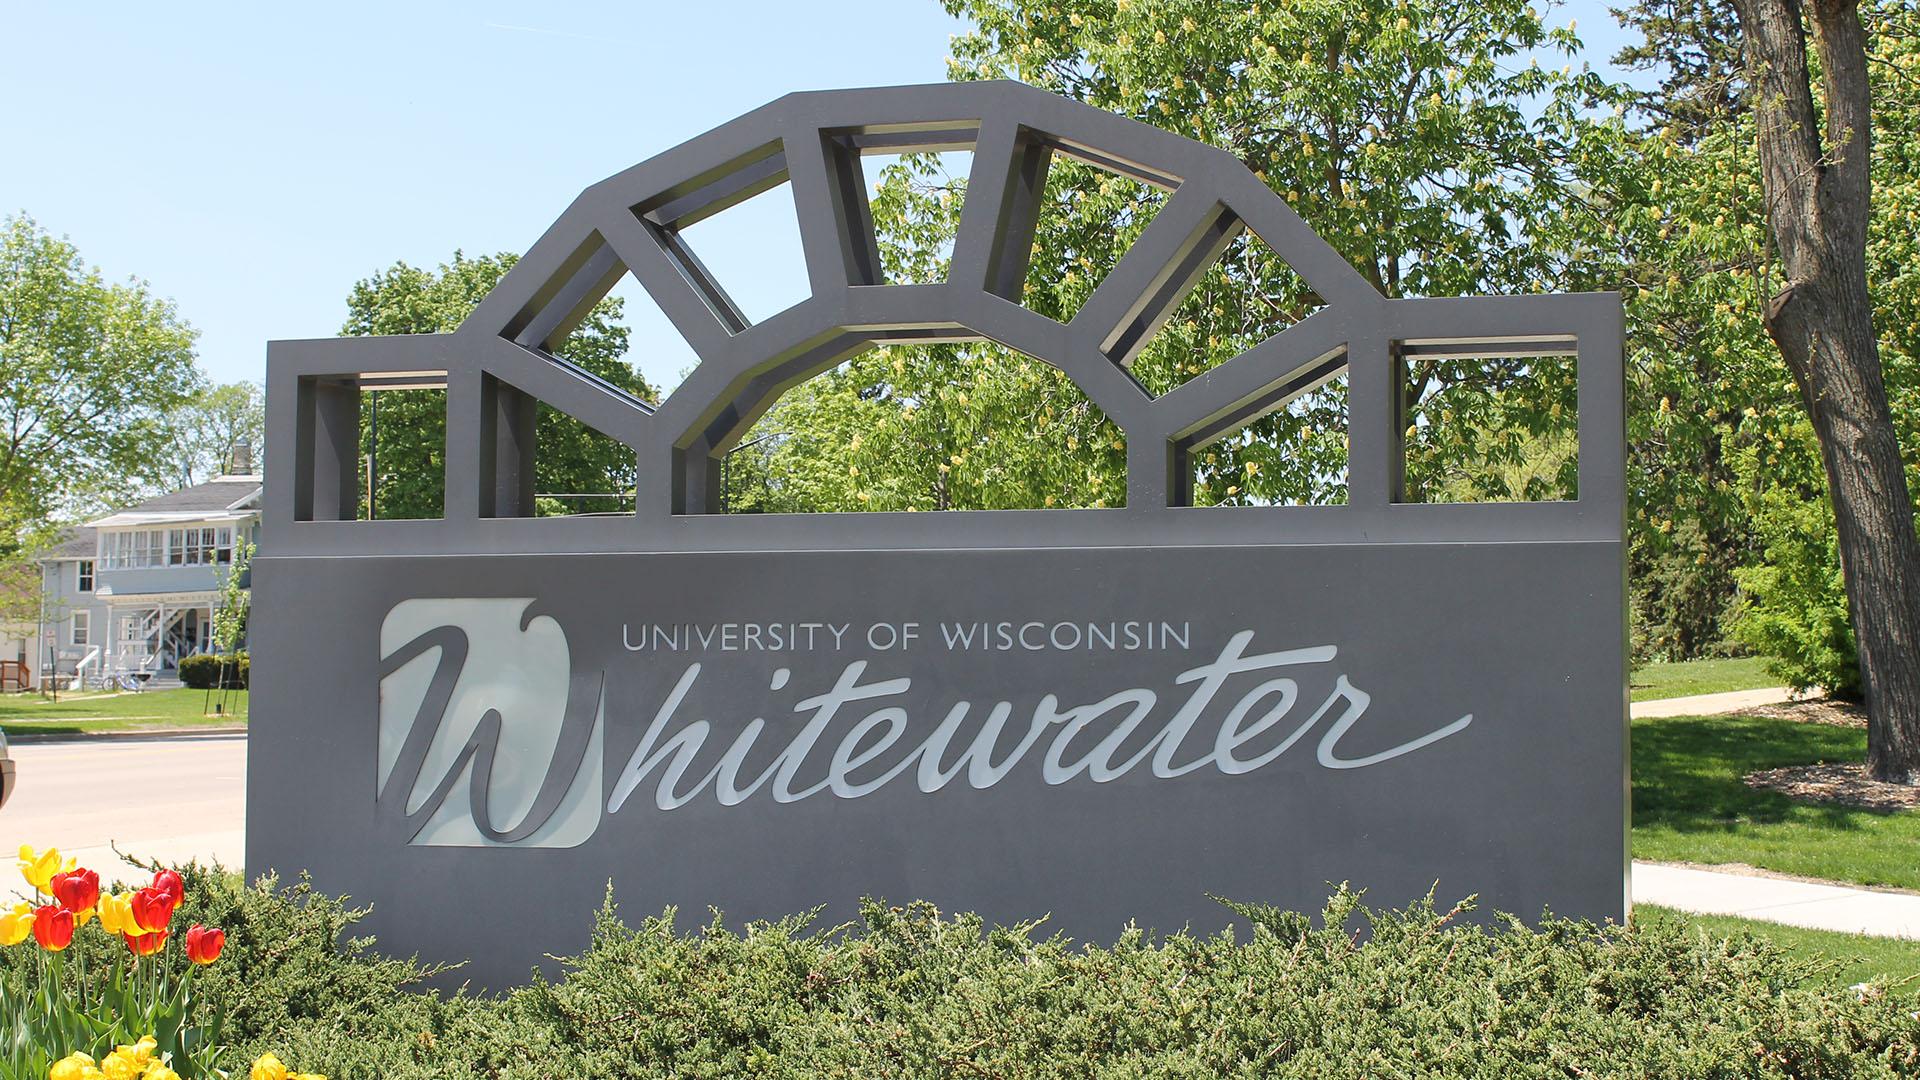 Welkomstbord van de Universiteit van Wisconsin Whitewater